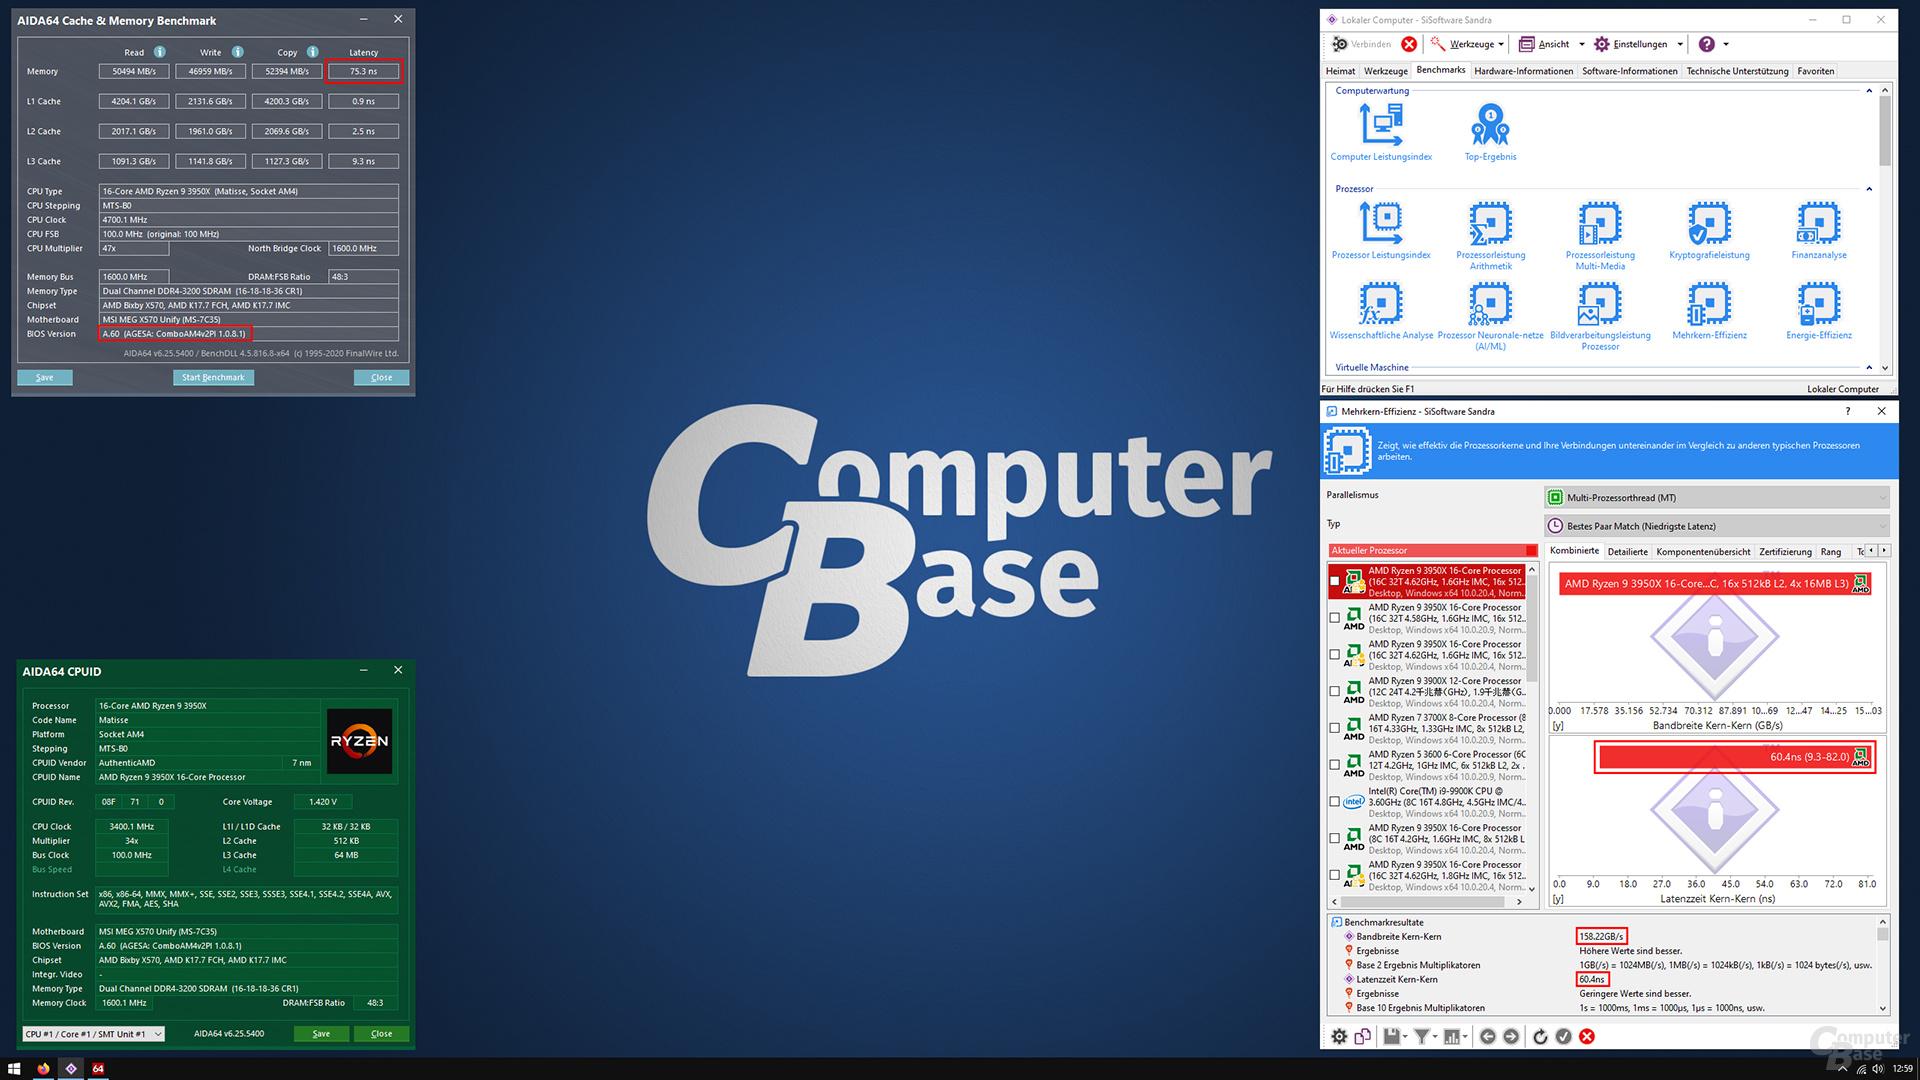 AGESA v2 1.0.8.1 mit 60,4 ns und 158,22 GB/s